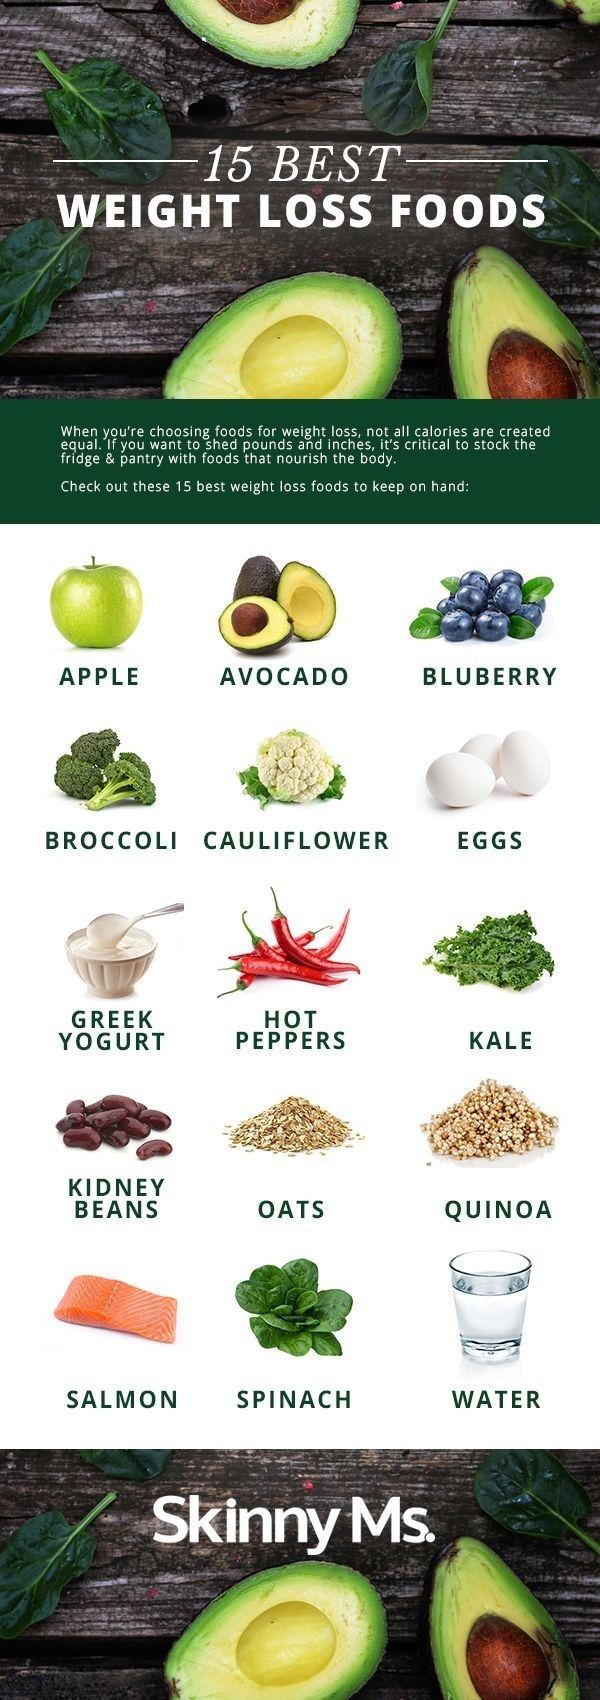 10 Super-Schlankheitstipps für Sie – Expertentipps! Holen Sie sich diese einfachen Lebensmittel in